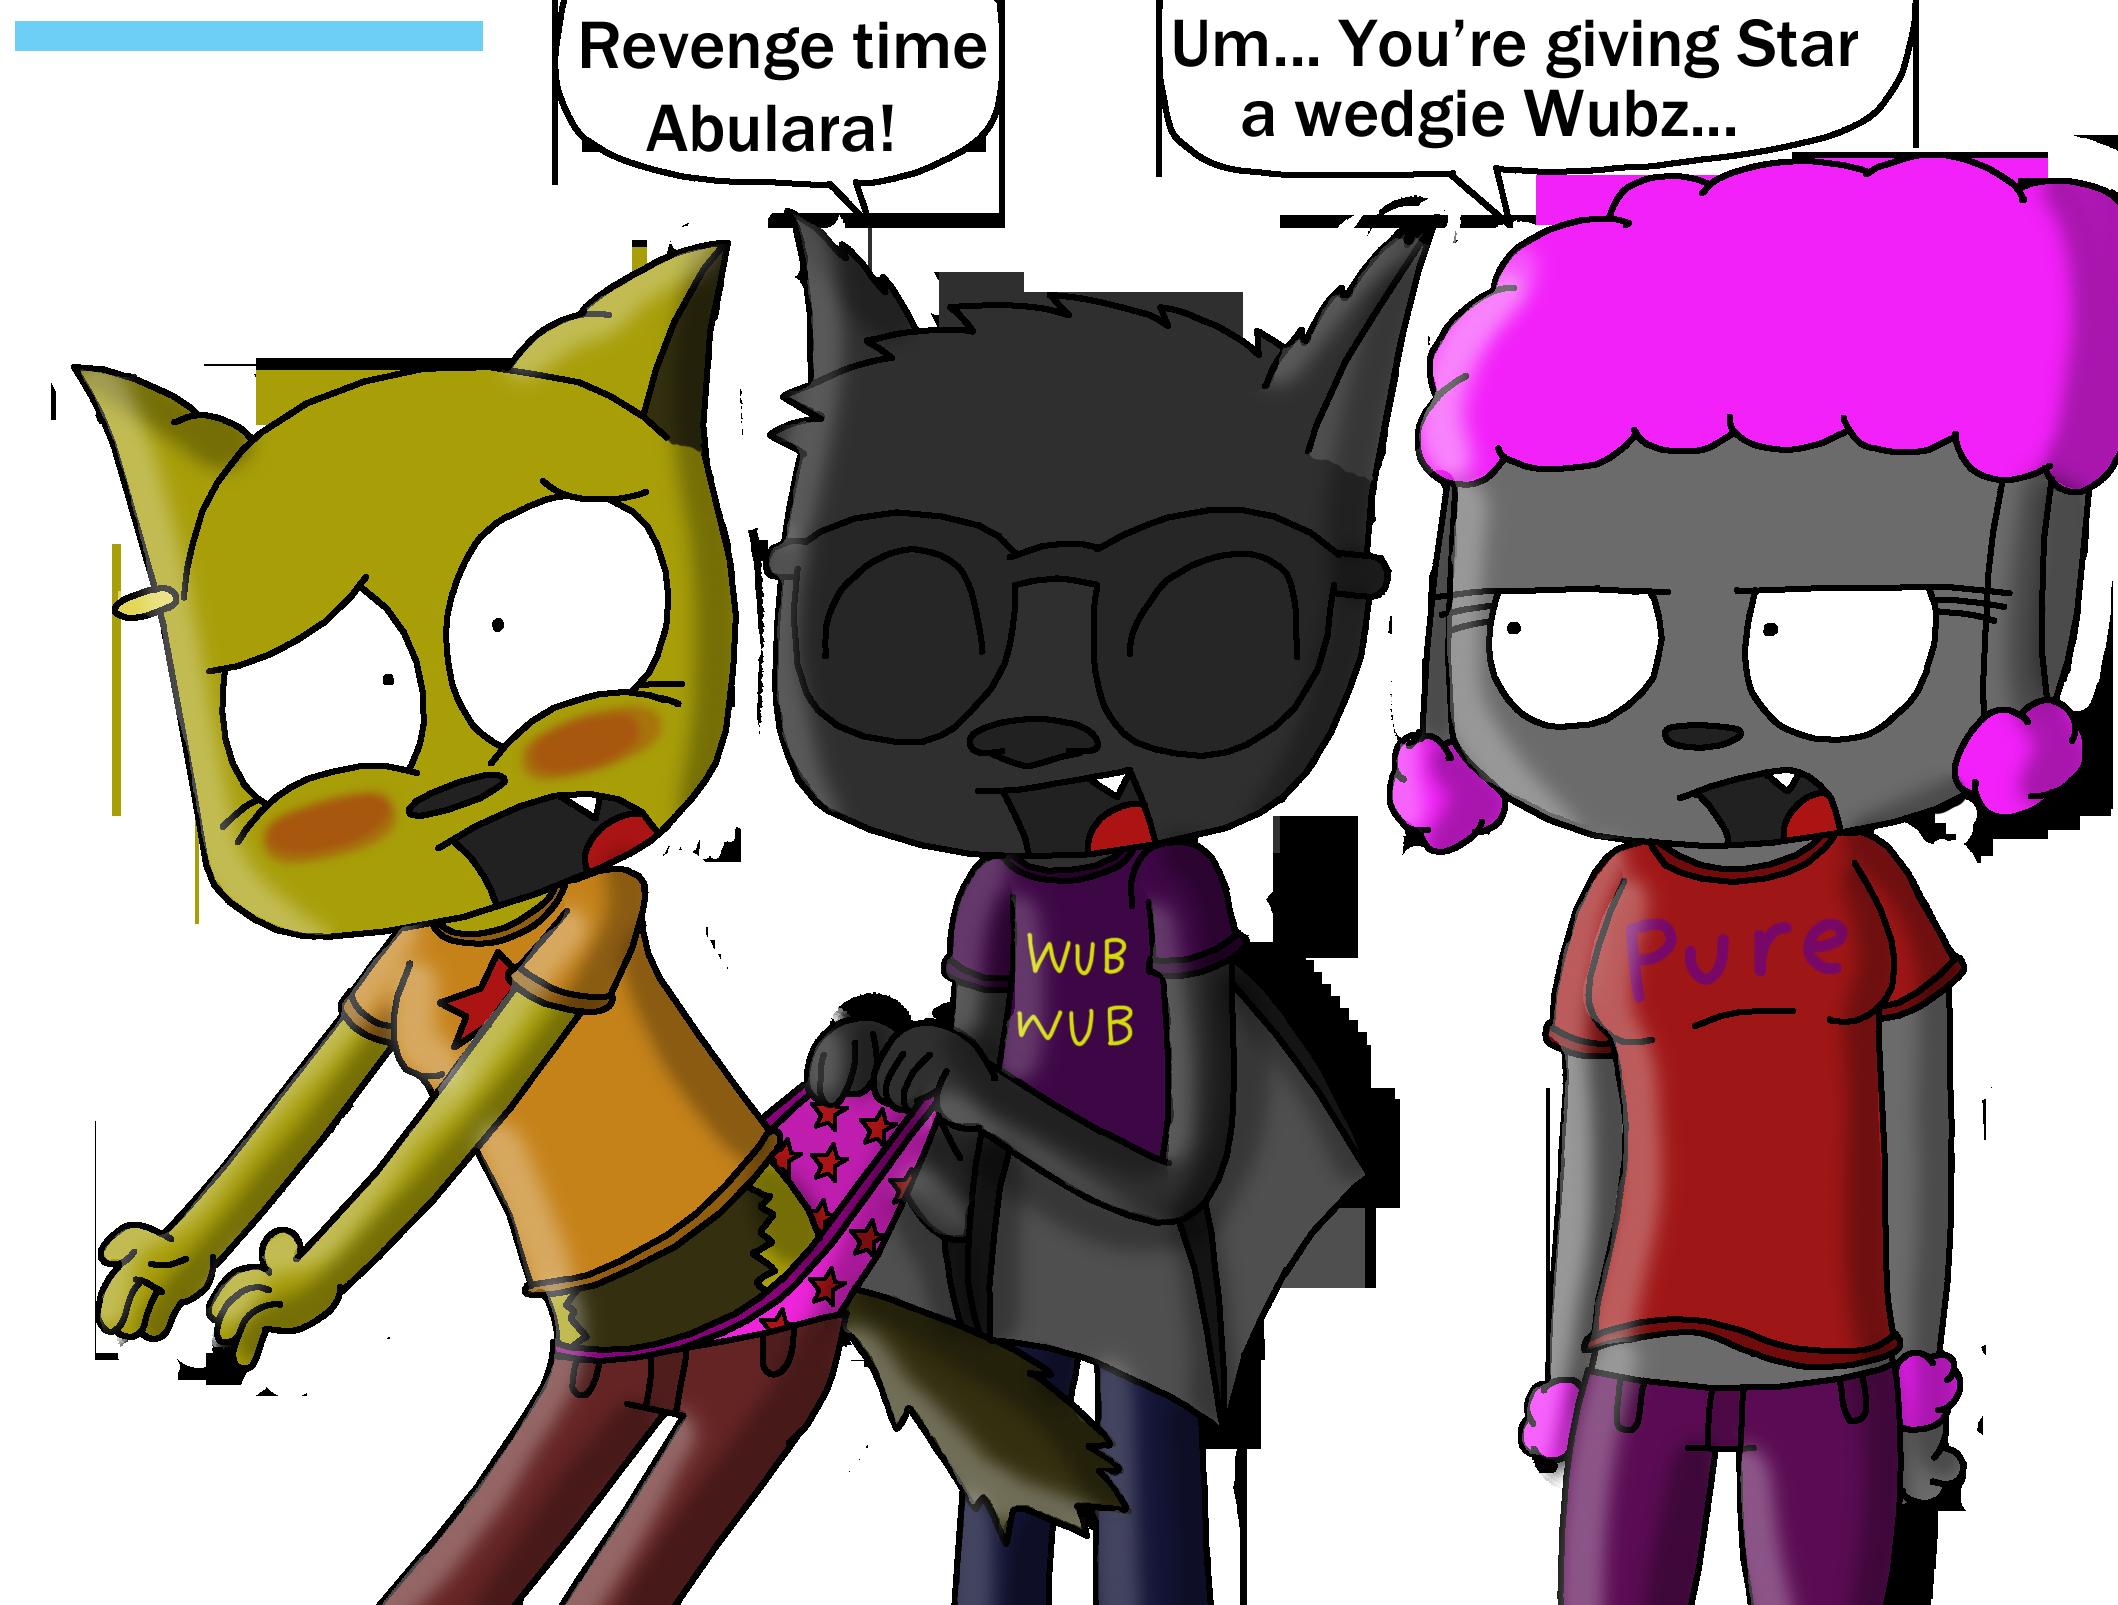 Wubz Revenge by Cjrocker